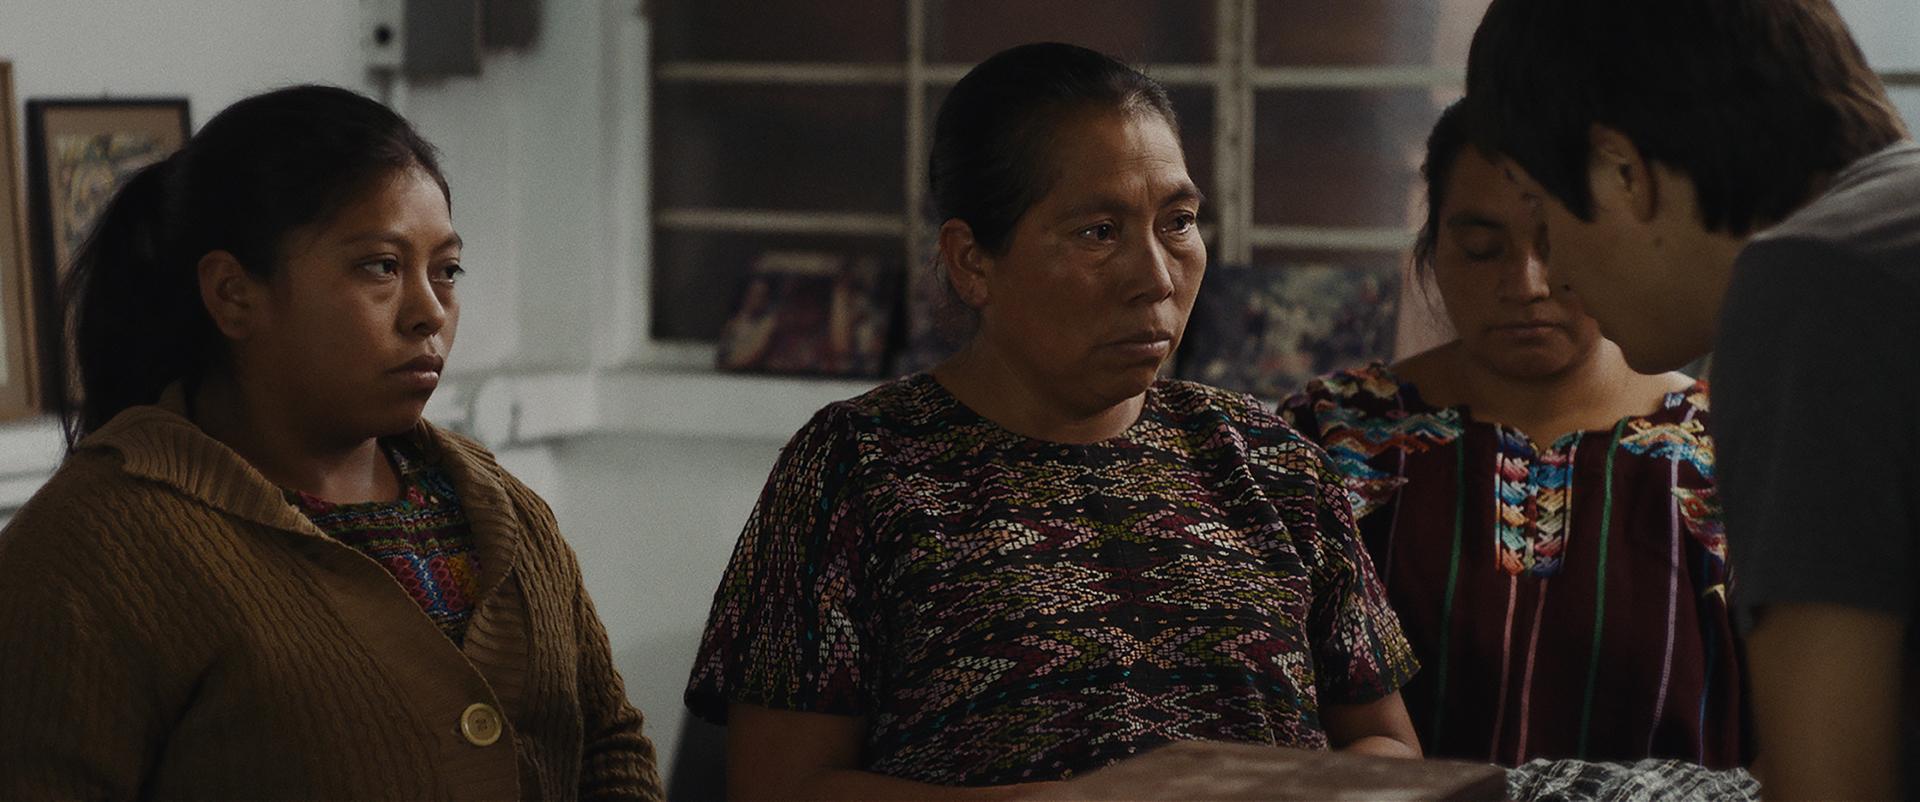 """Résultat de recherche d'images pour """"""""Nuestras Madres"""" (César Diaz photos"""""""